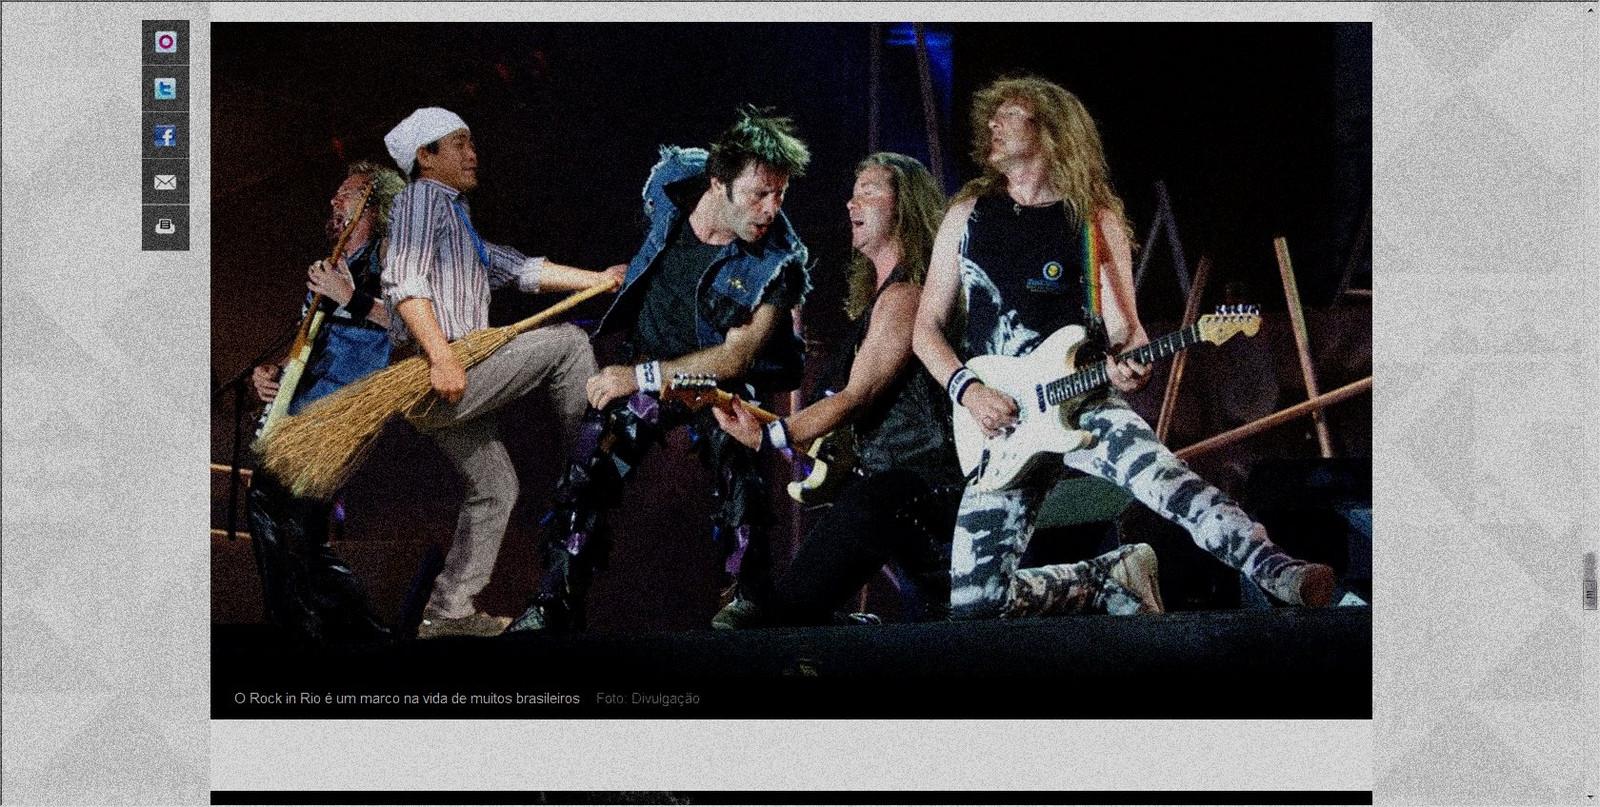 Nobusan_rock_in_brasil